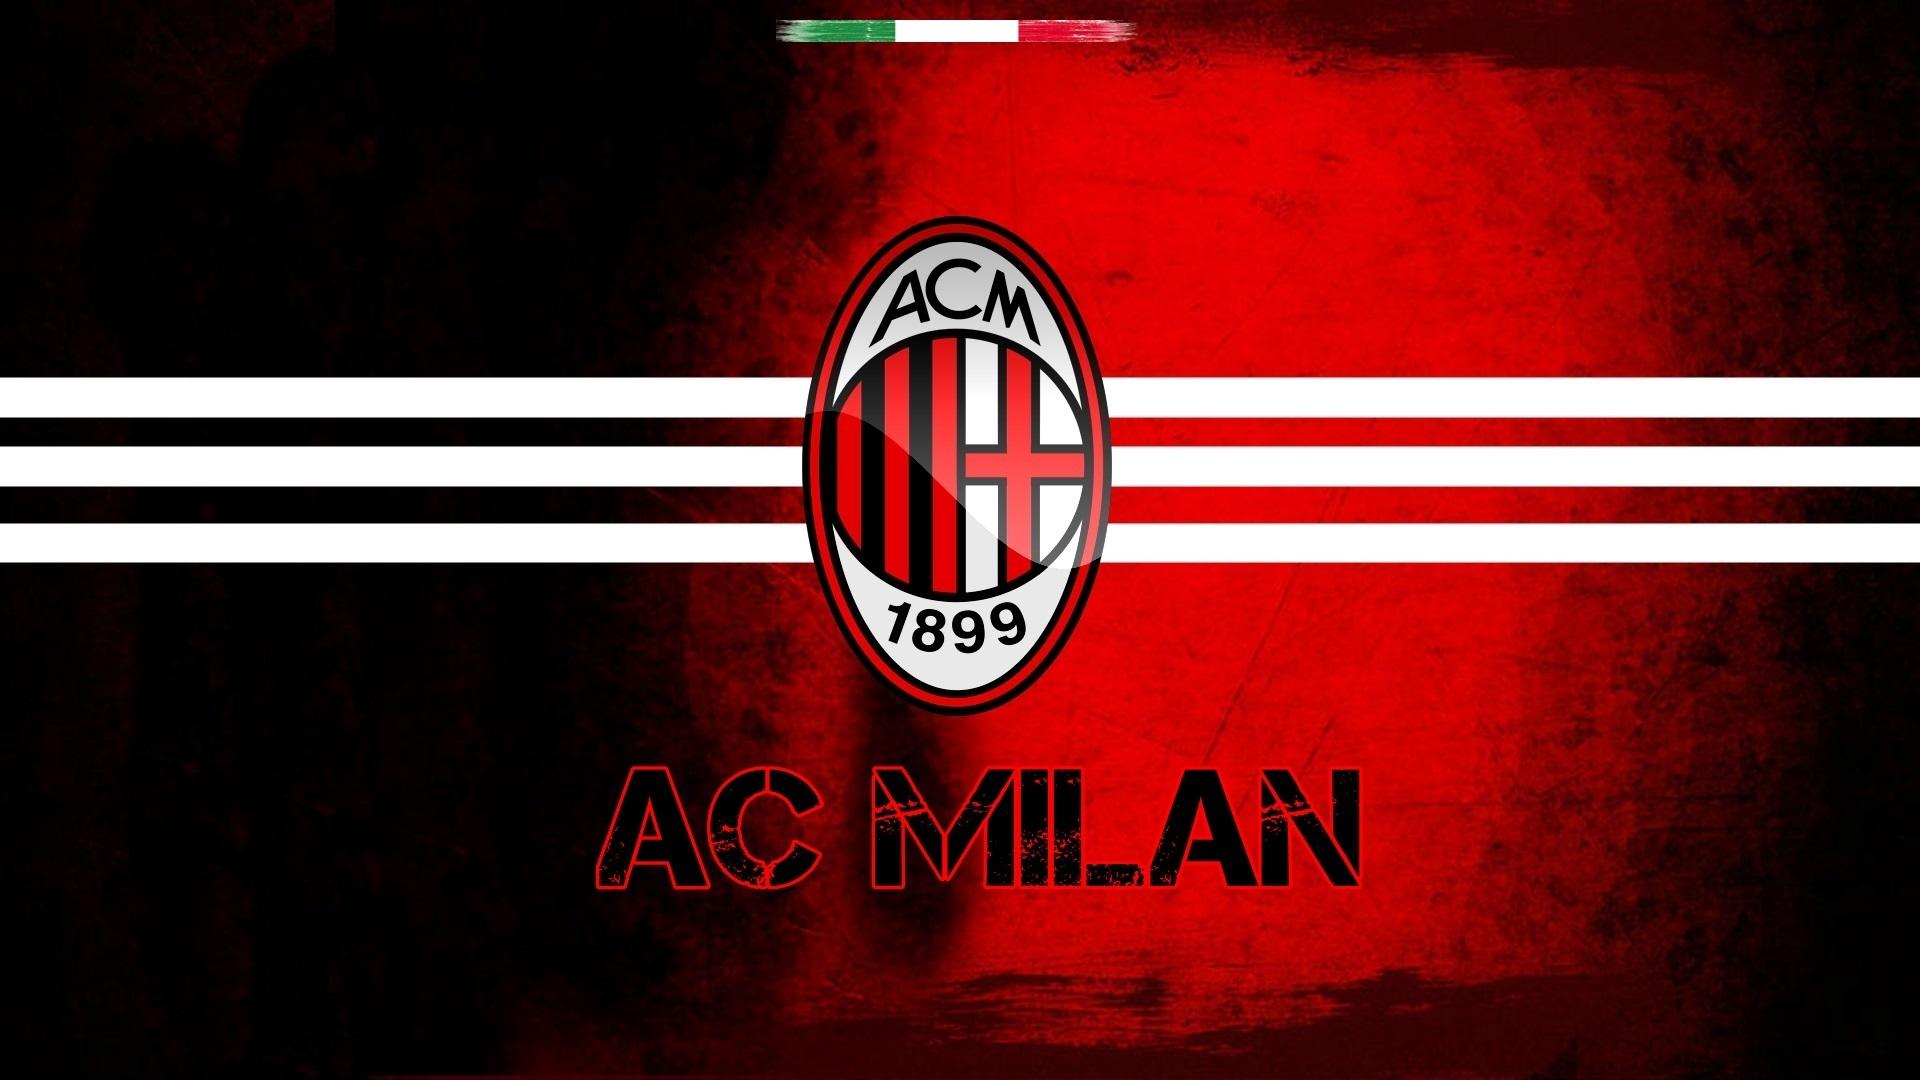 Ac Milan Image